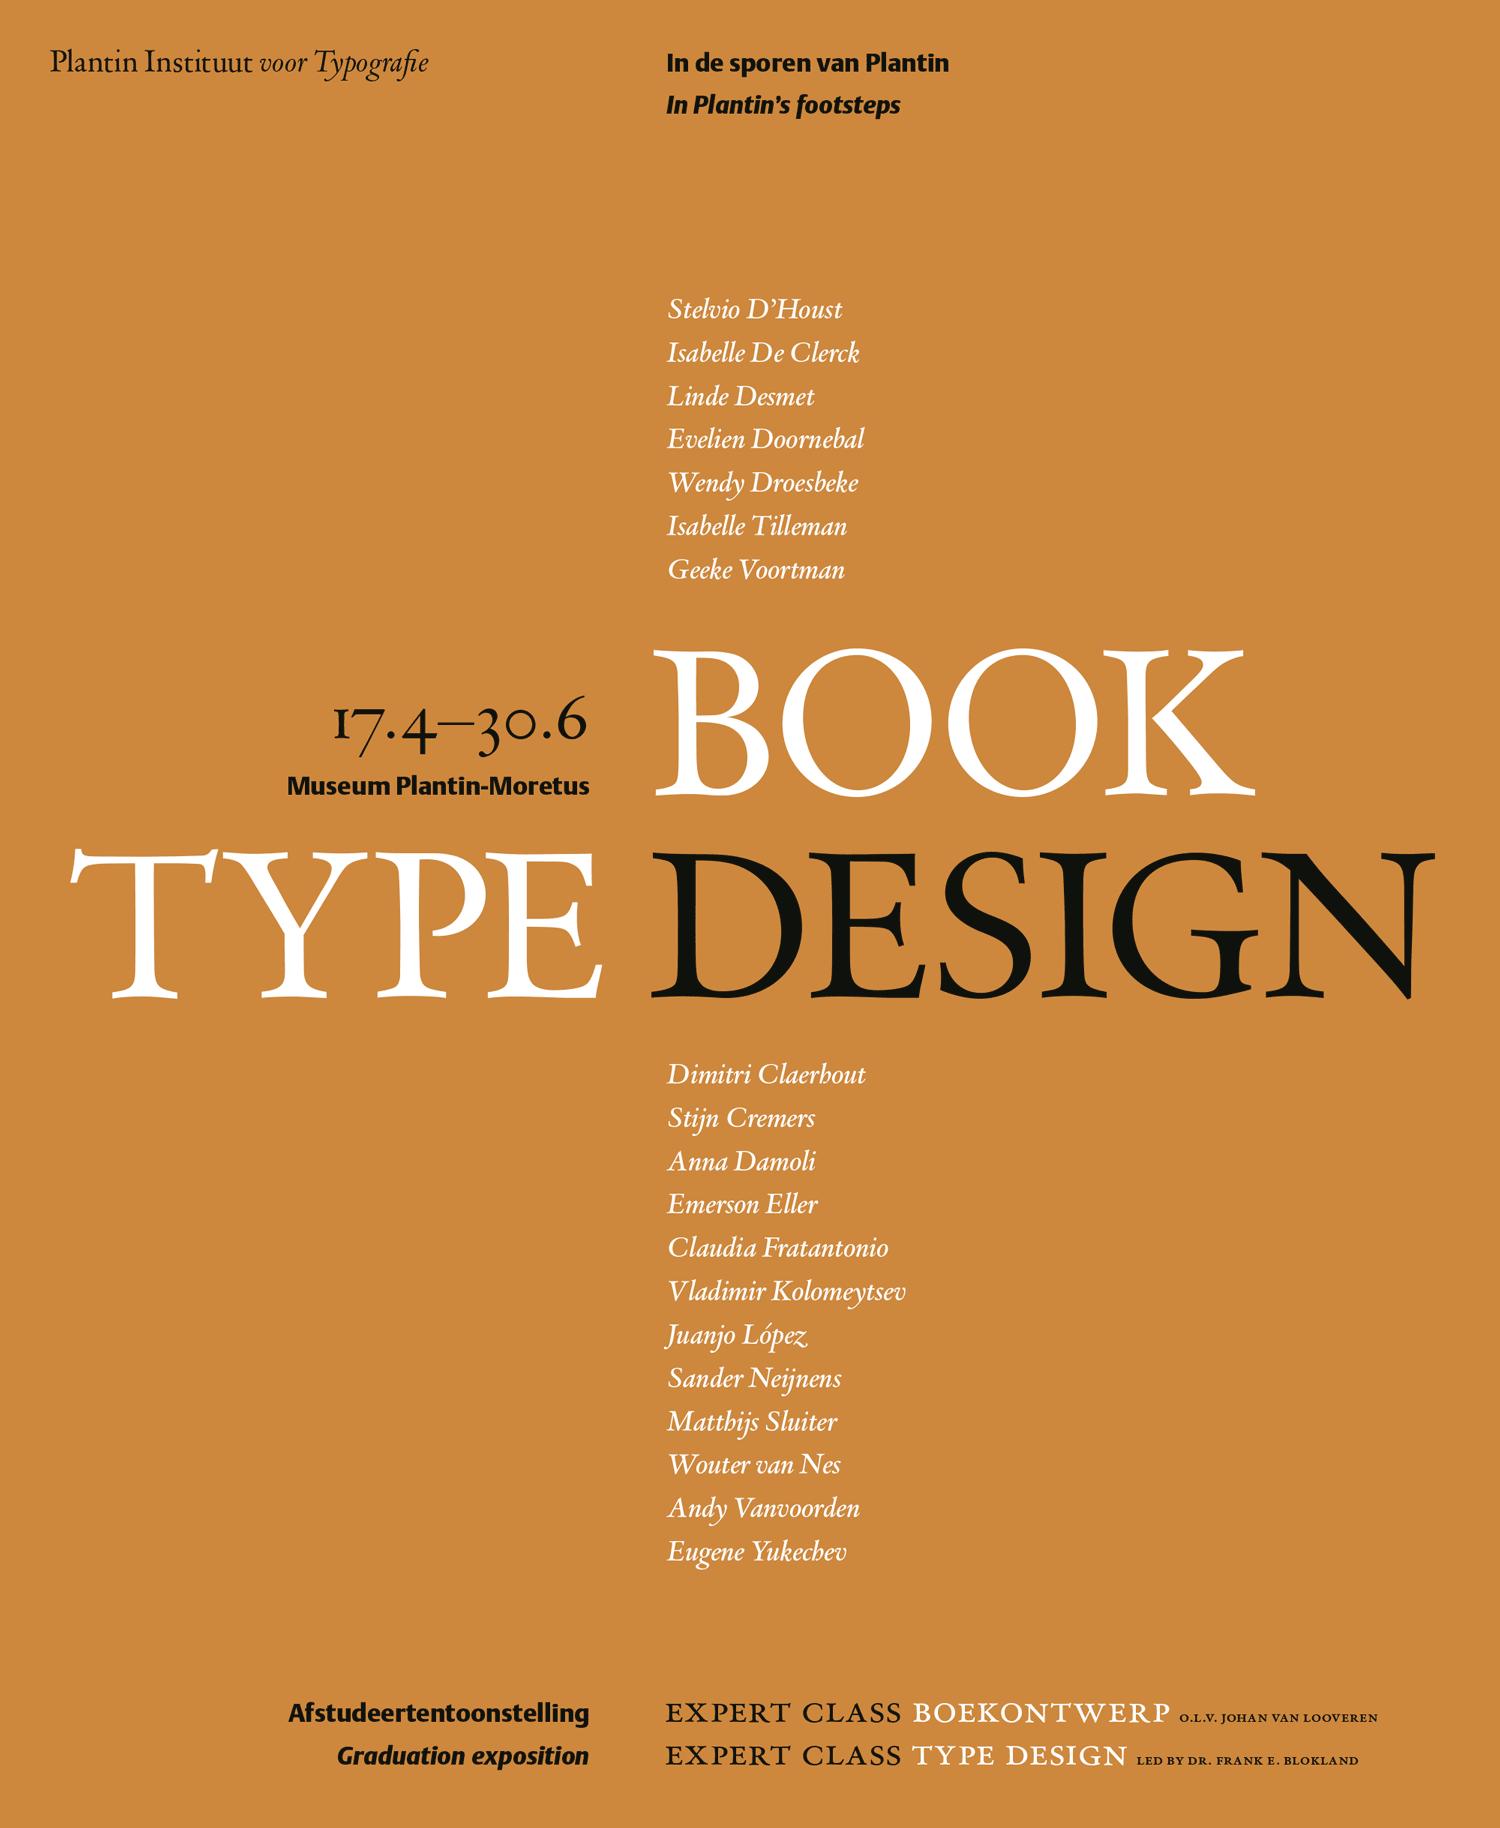 Boekontwerp Type Design